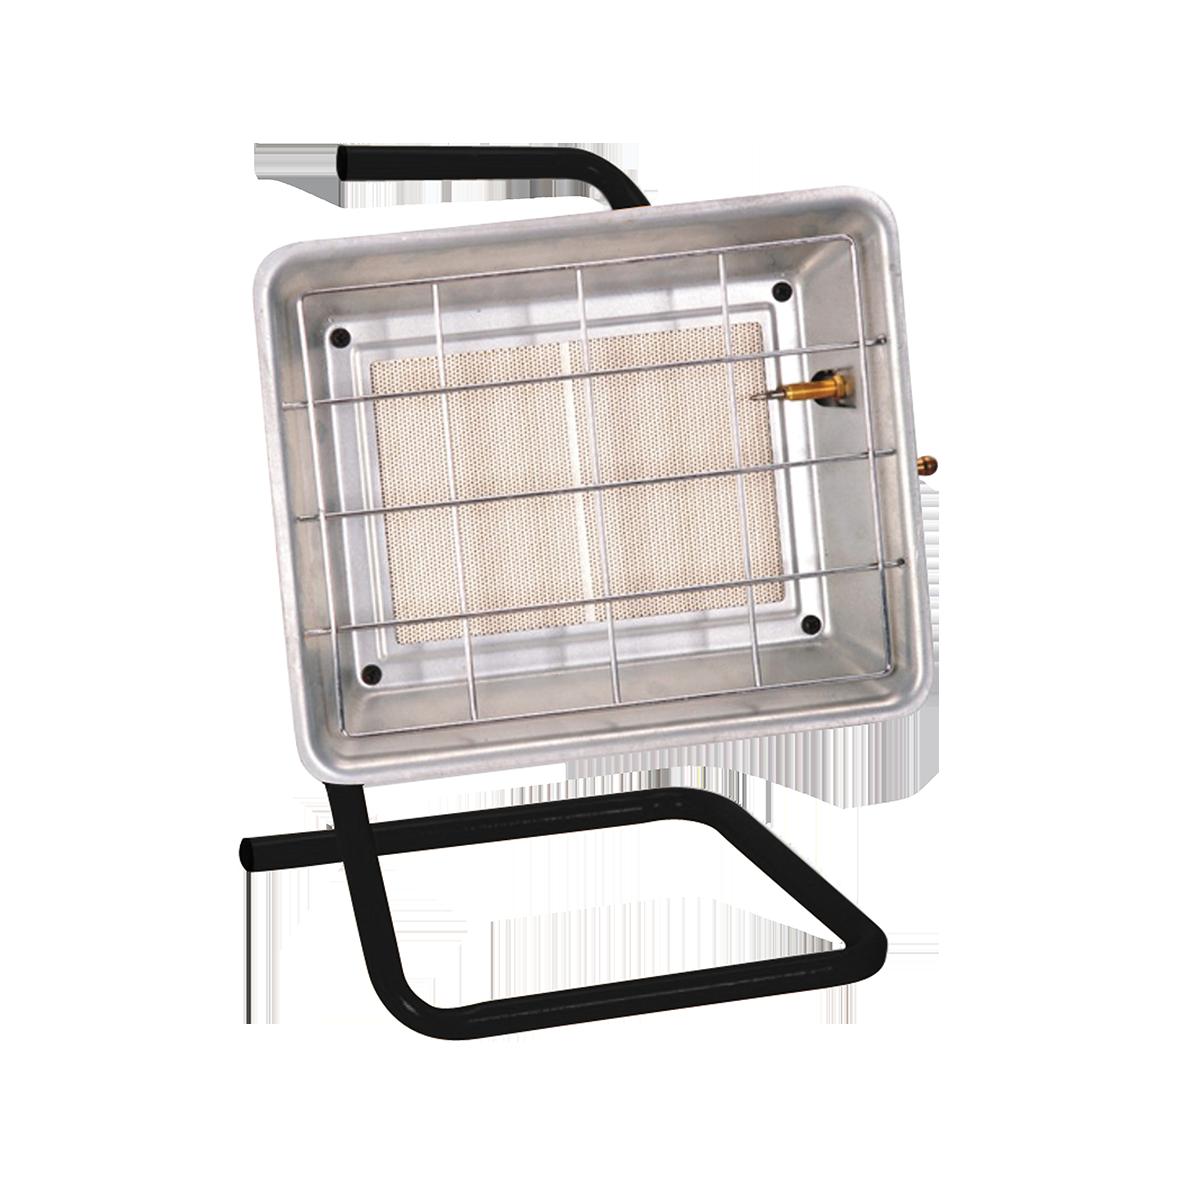 Газовый обогреватель Timberk TGH 4200 X2Газовые обогреватели<br>Удобная ручка для перемещения<br>Компактный размер<br>Регулируемая тепловая мощность<br>Легкость и удобство в транспортировке<br>Удобная складная ручка и подставка<br>Высококачественная керамическая панель<br>Профессиональный обогрев<br>В комплекте газовый шланг и редуктор<br>